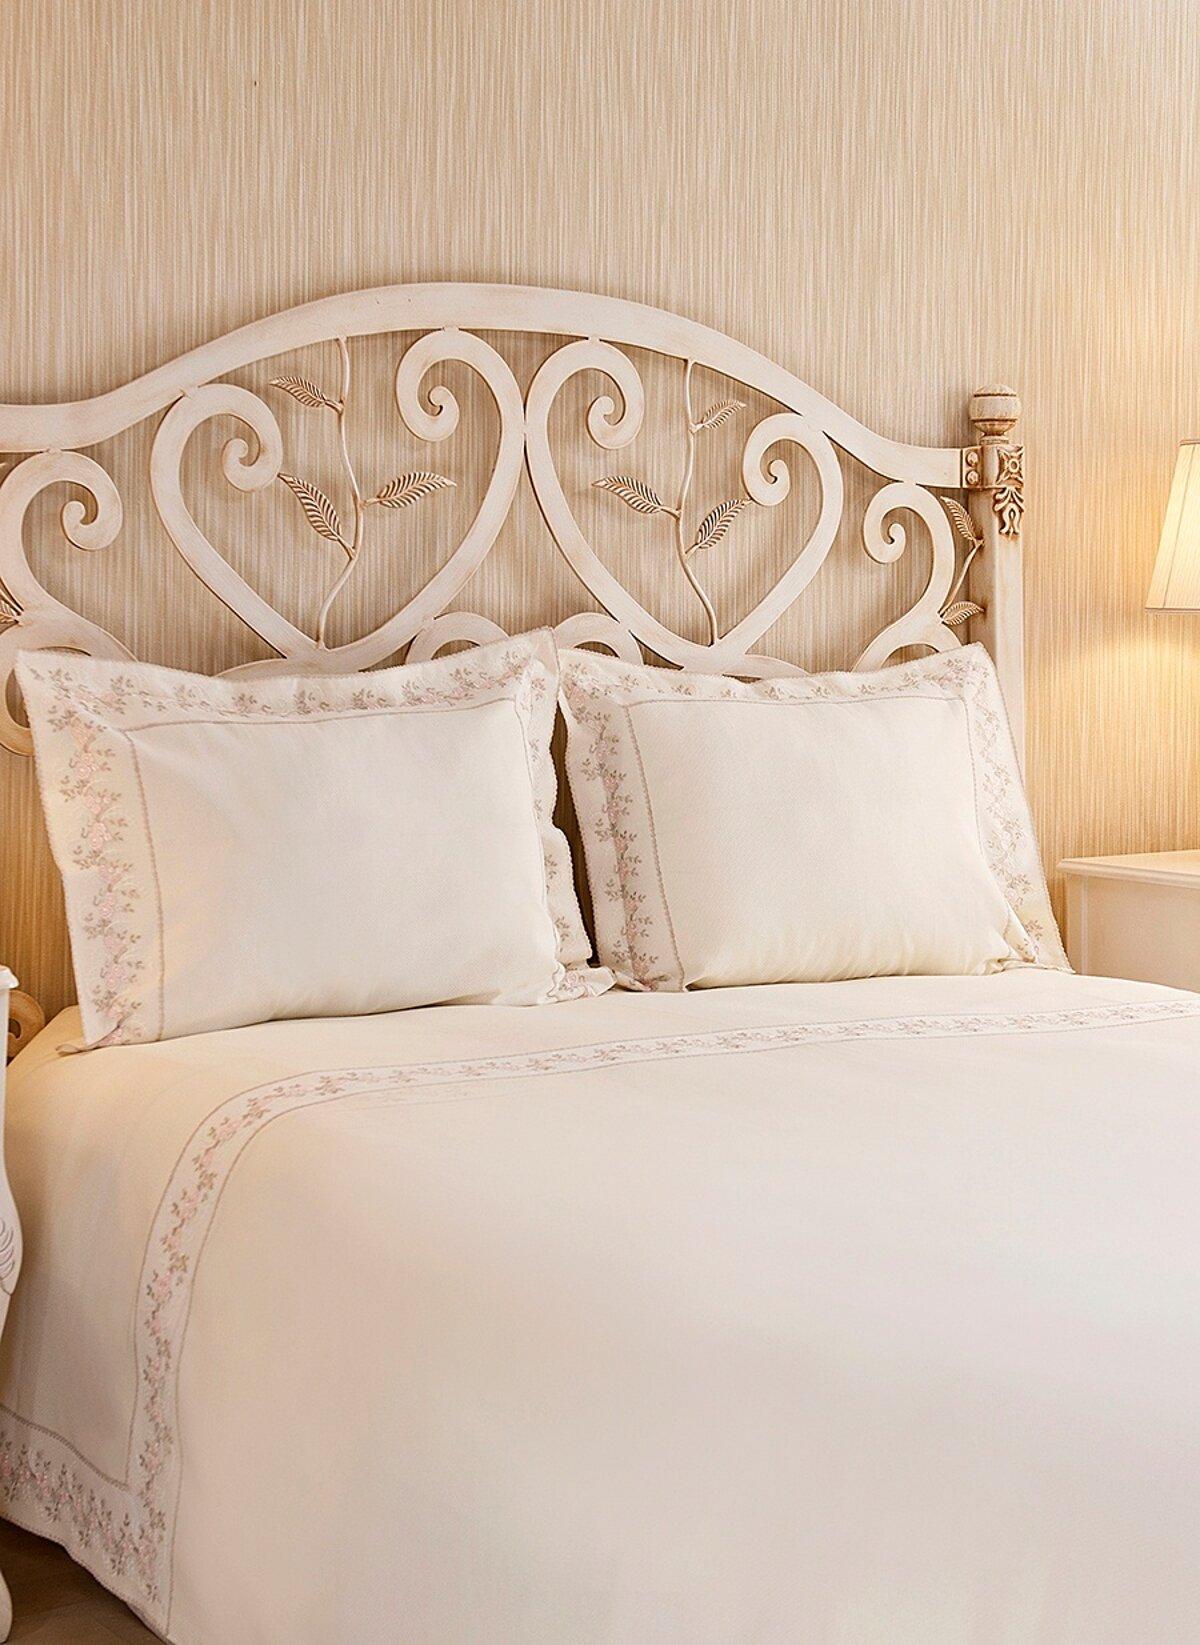 maison et objet 2020 Maison et Objet 2020: Take A Look At The Bedroom Design Trends G  L G  LER 2